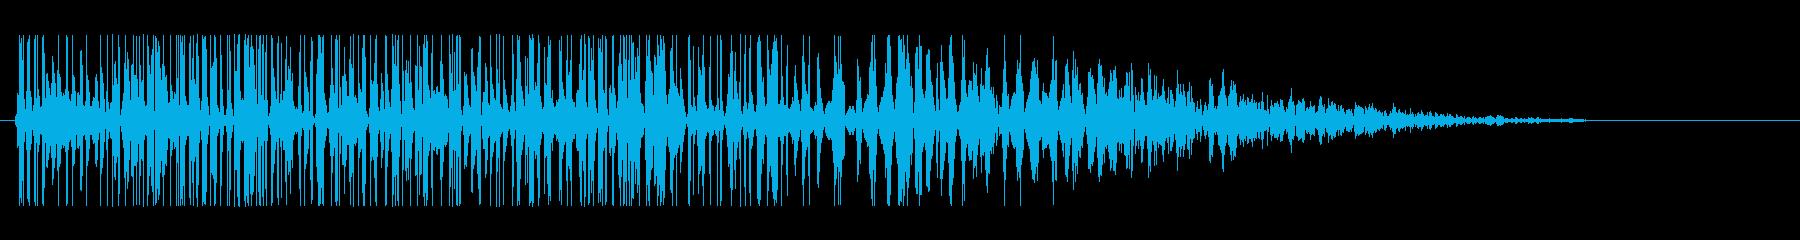 レトロな砲撃・爆発音#2の再生済みの波形